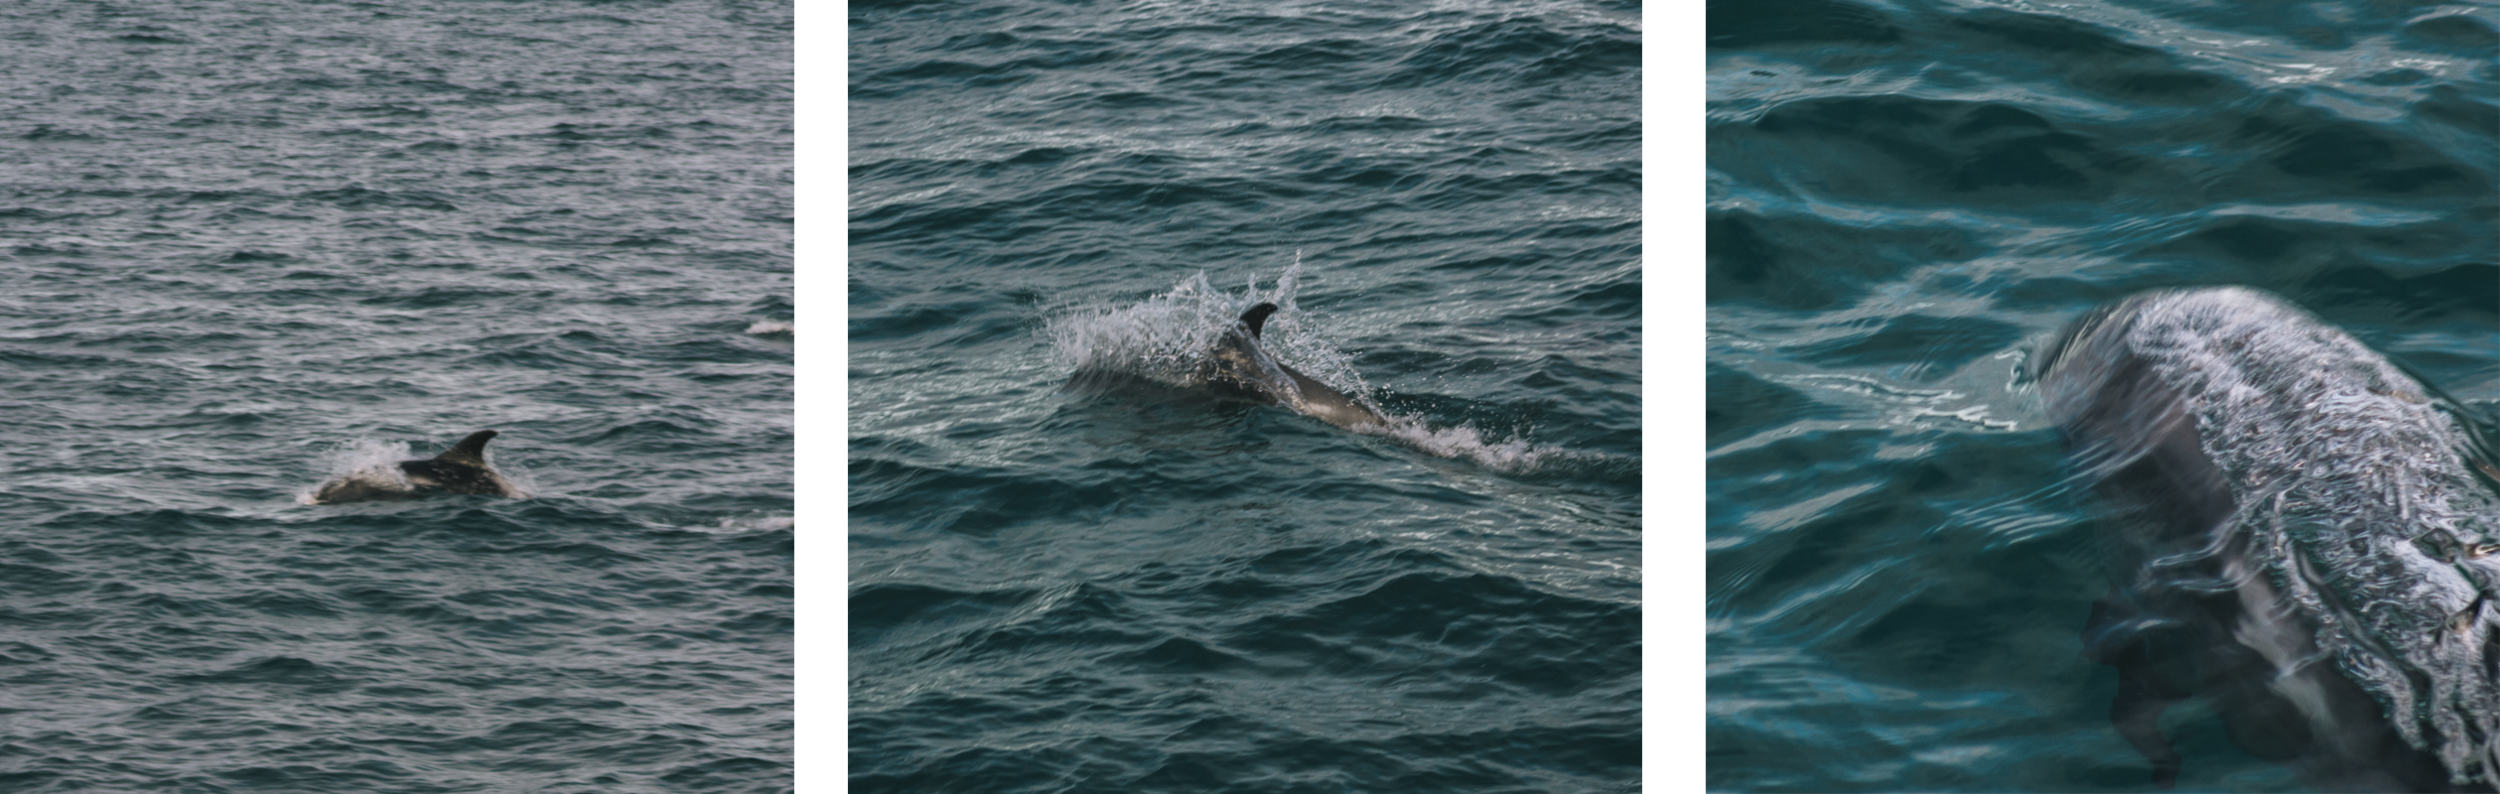 格陵兰海中发现的野生海豚-Kat Wainstok拍摄的图片